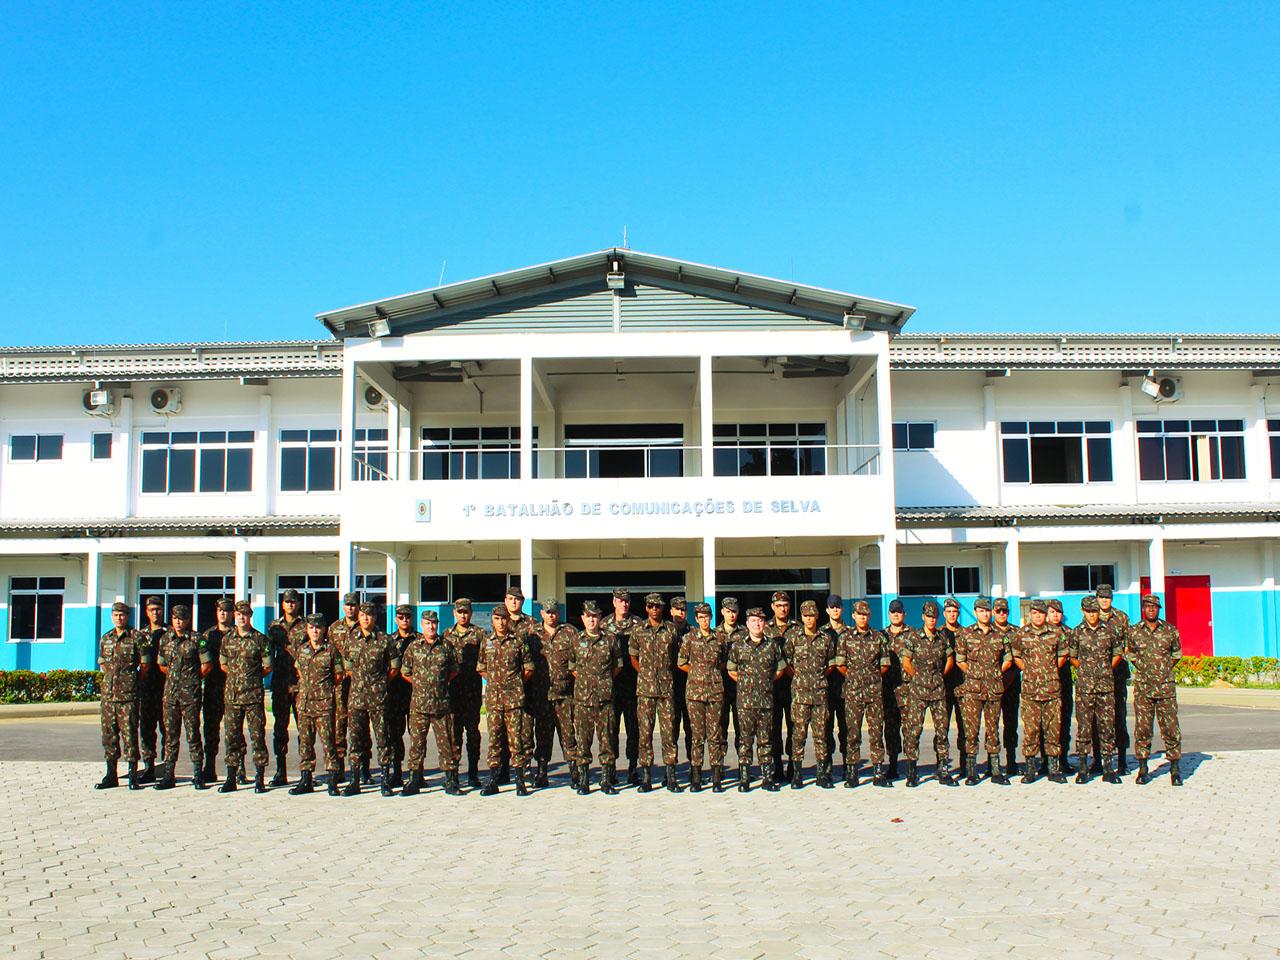 1º Batalhão de Comunicações de Selva coordena Estágio de Proteção Eletrônica e Cibernética na Amazônia Ocidental